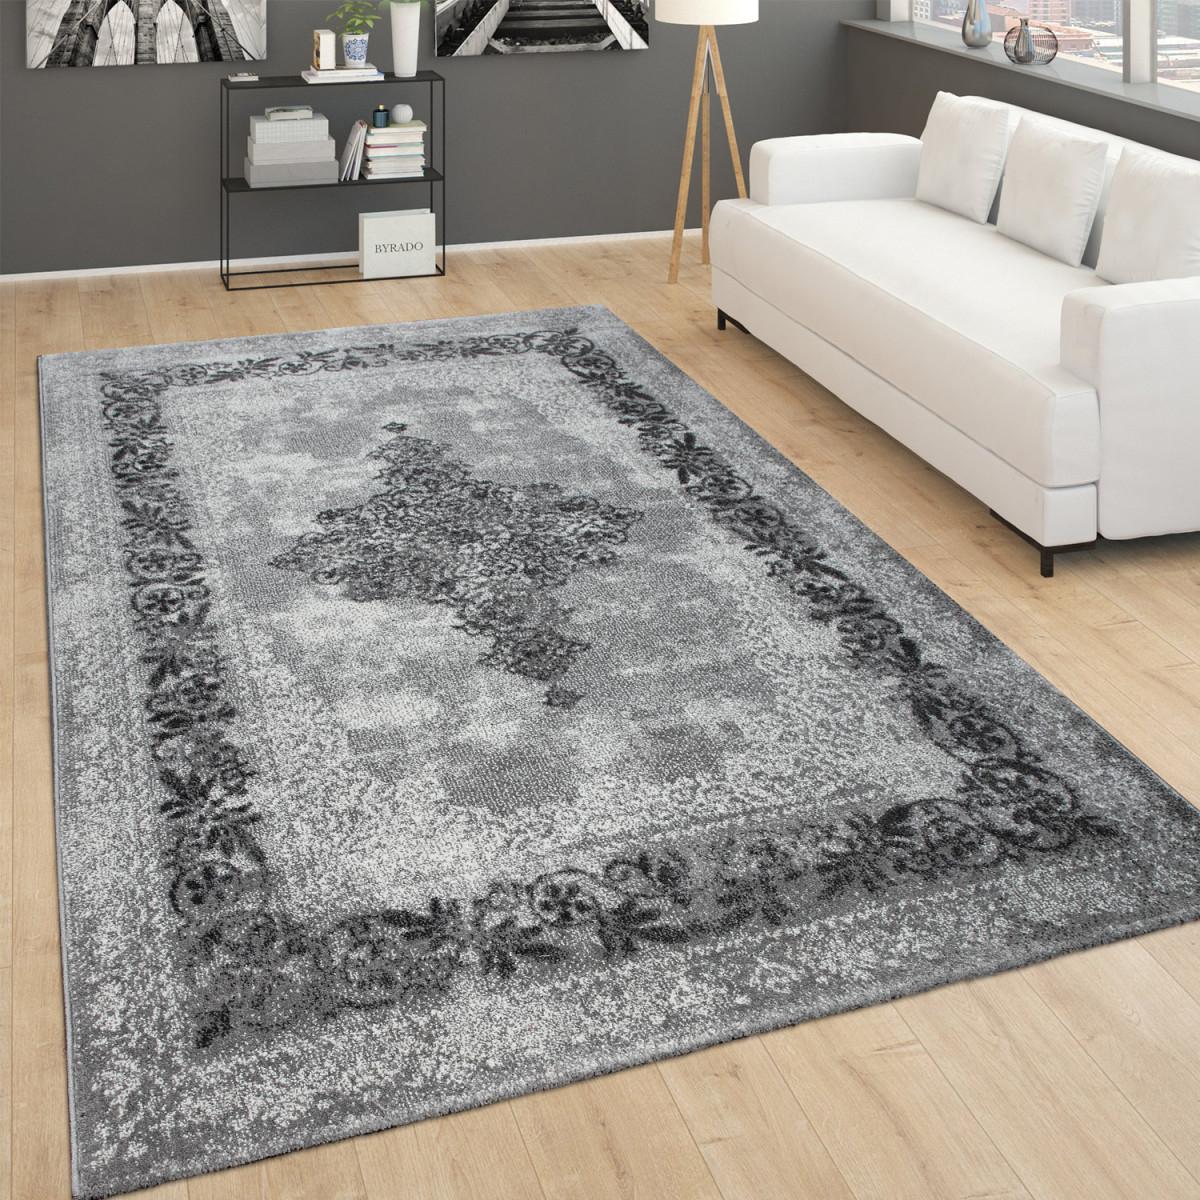 Teppich Für Wohnzimmer Vintagekurzflor Mit Orientmuster Meliert Grau von Teppich Wohnzimmer Vintage Photo